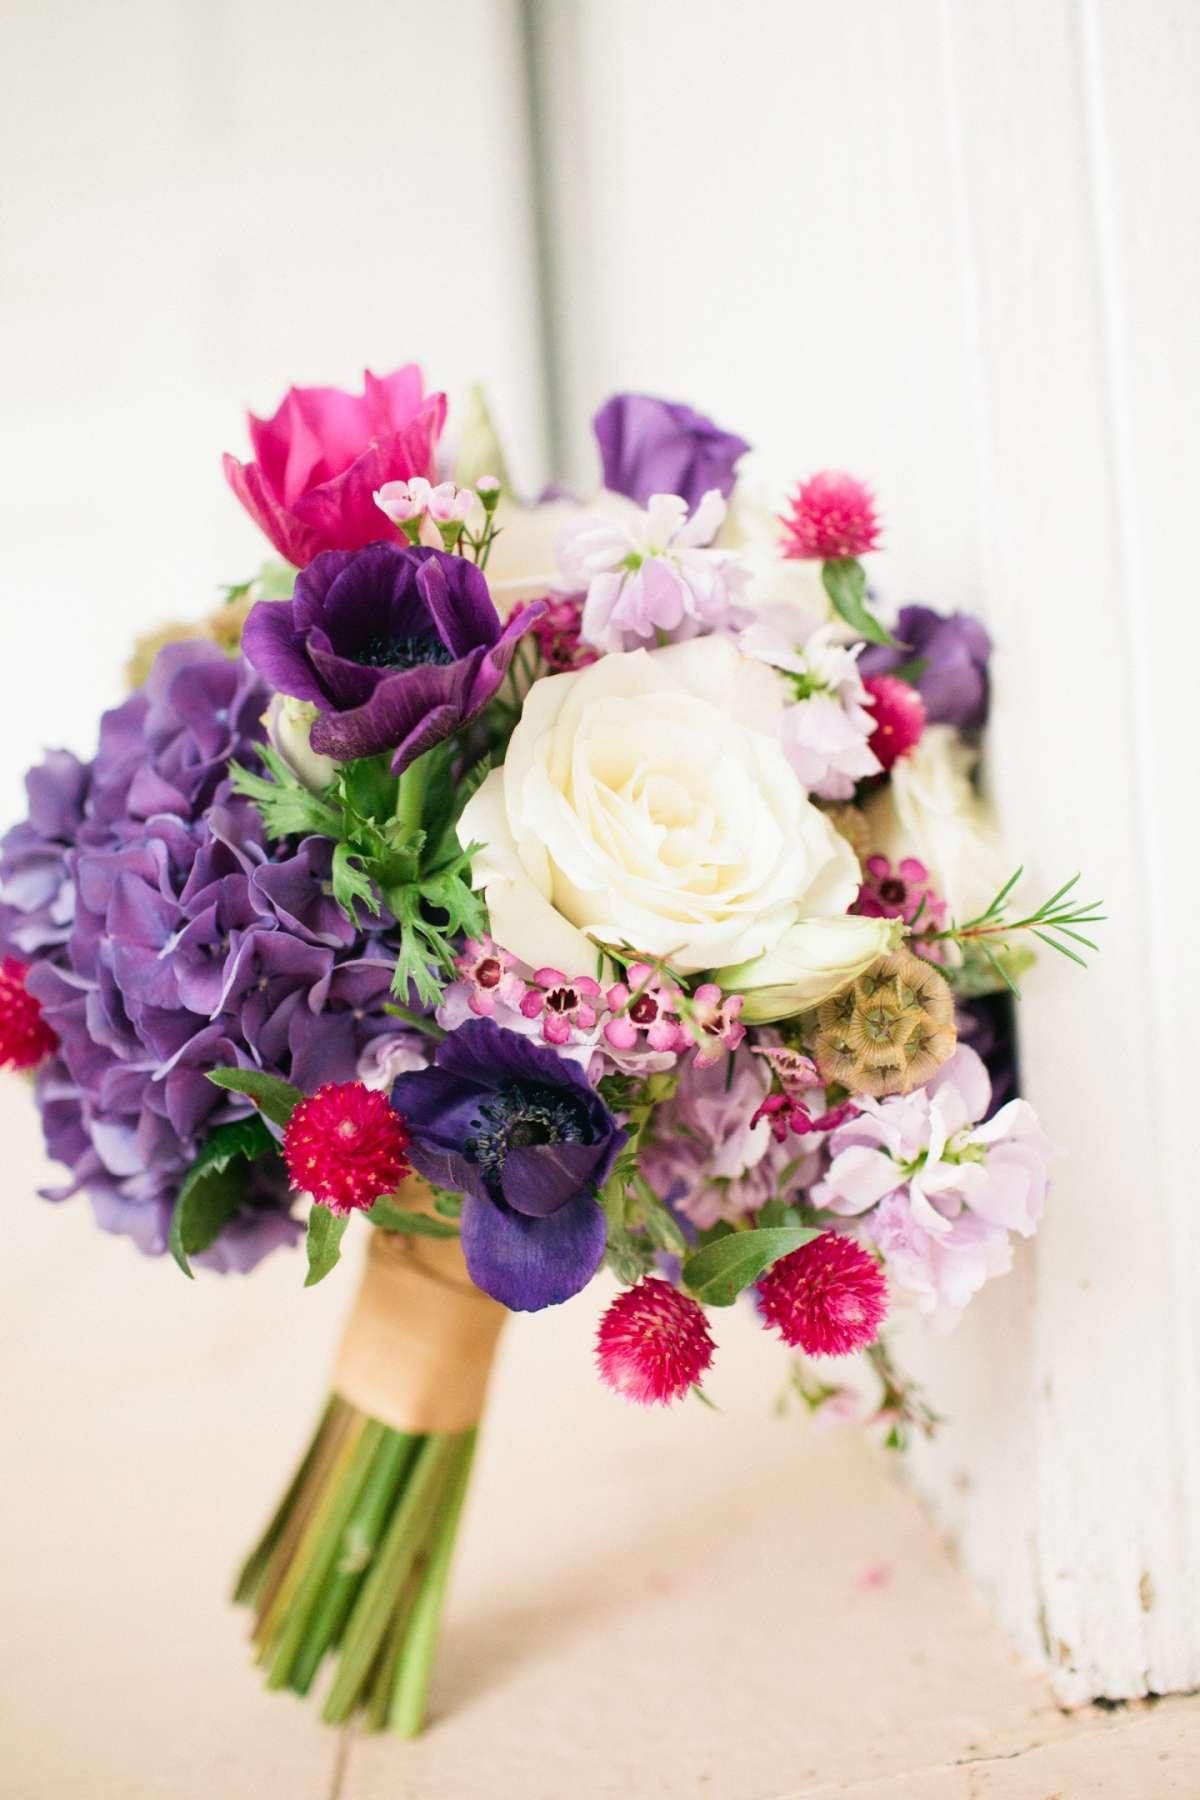 Bouquet Sposa Luglio 2019.Bouquet Sposa Estivi Consigli Per La Scelta Foto Pourfemme